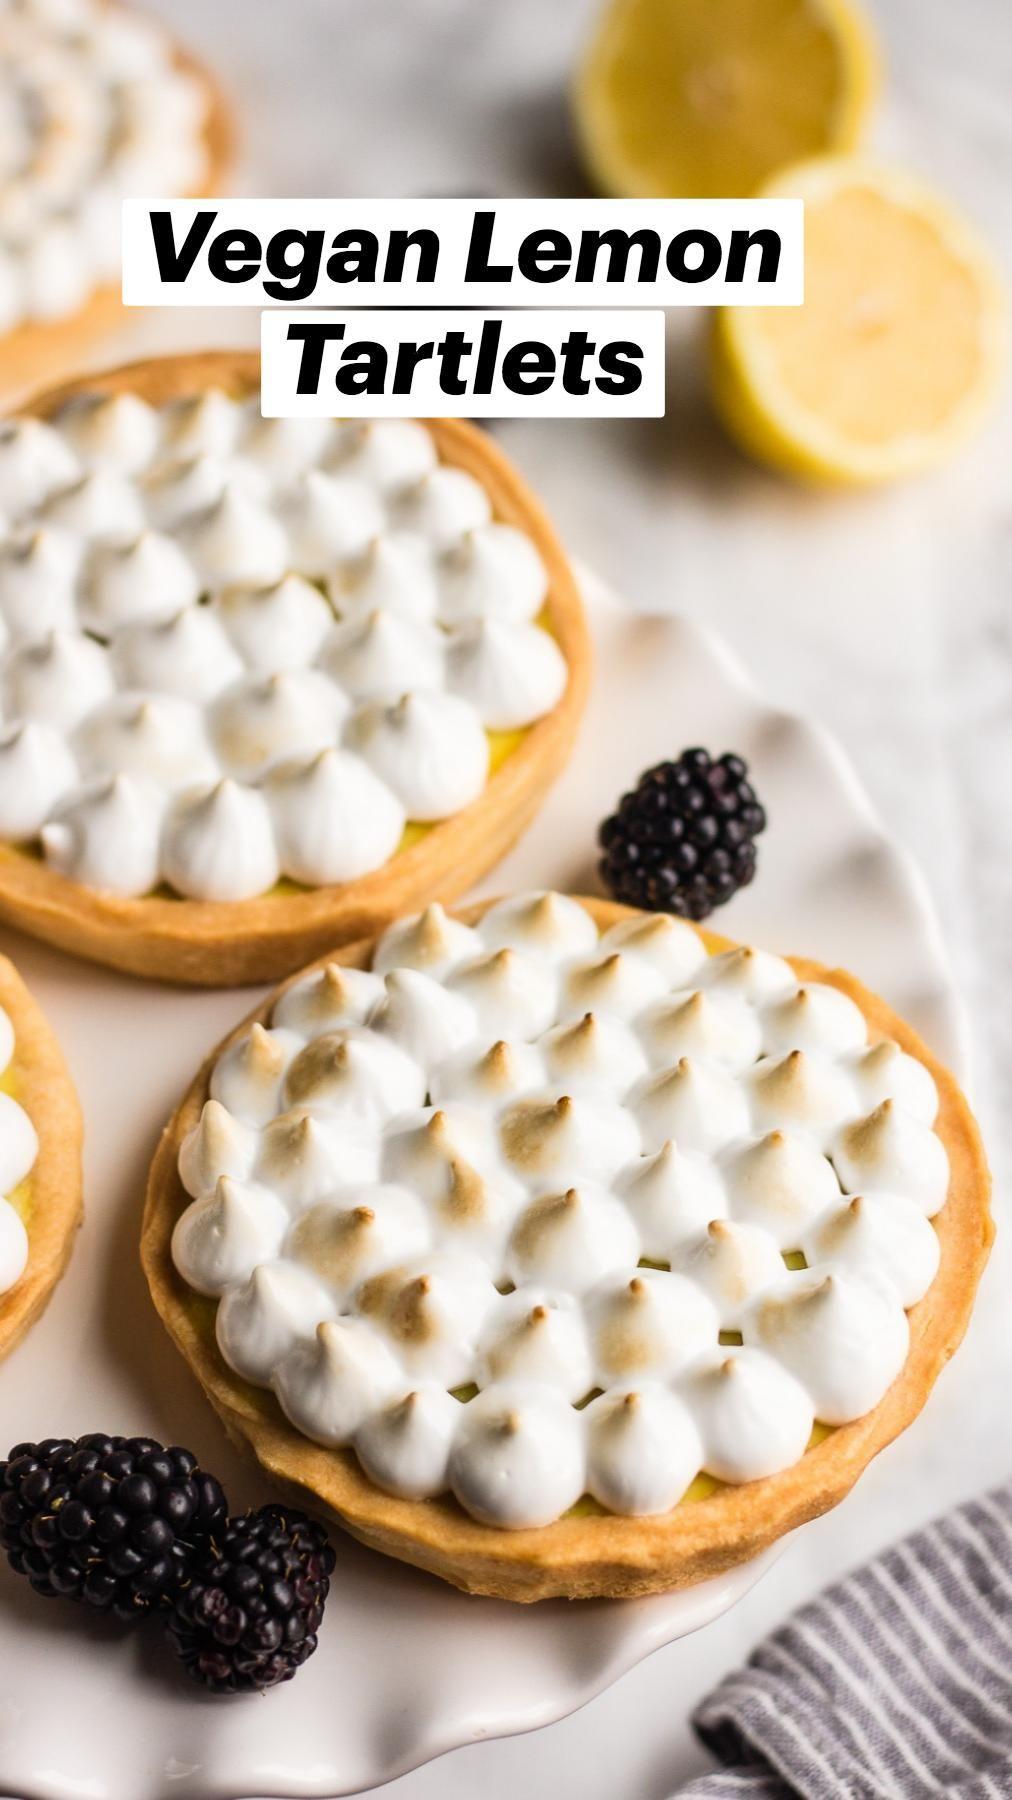 Vegan Lemon Tartlets